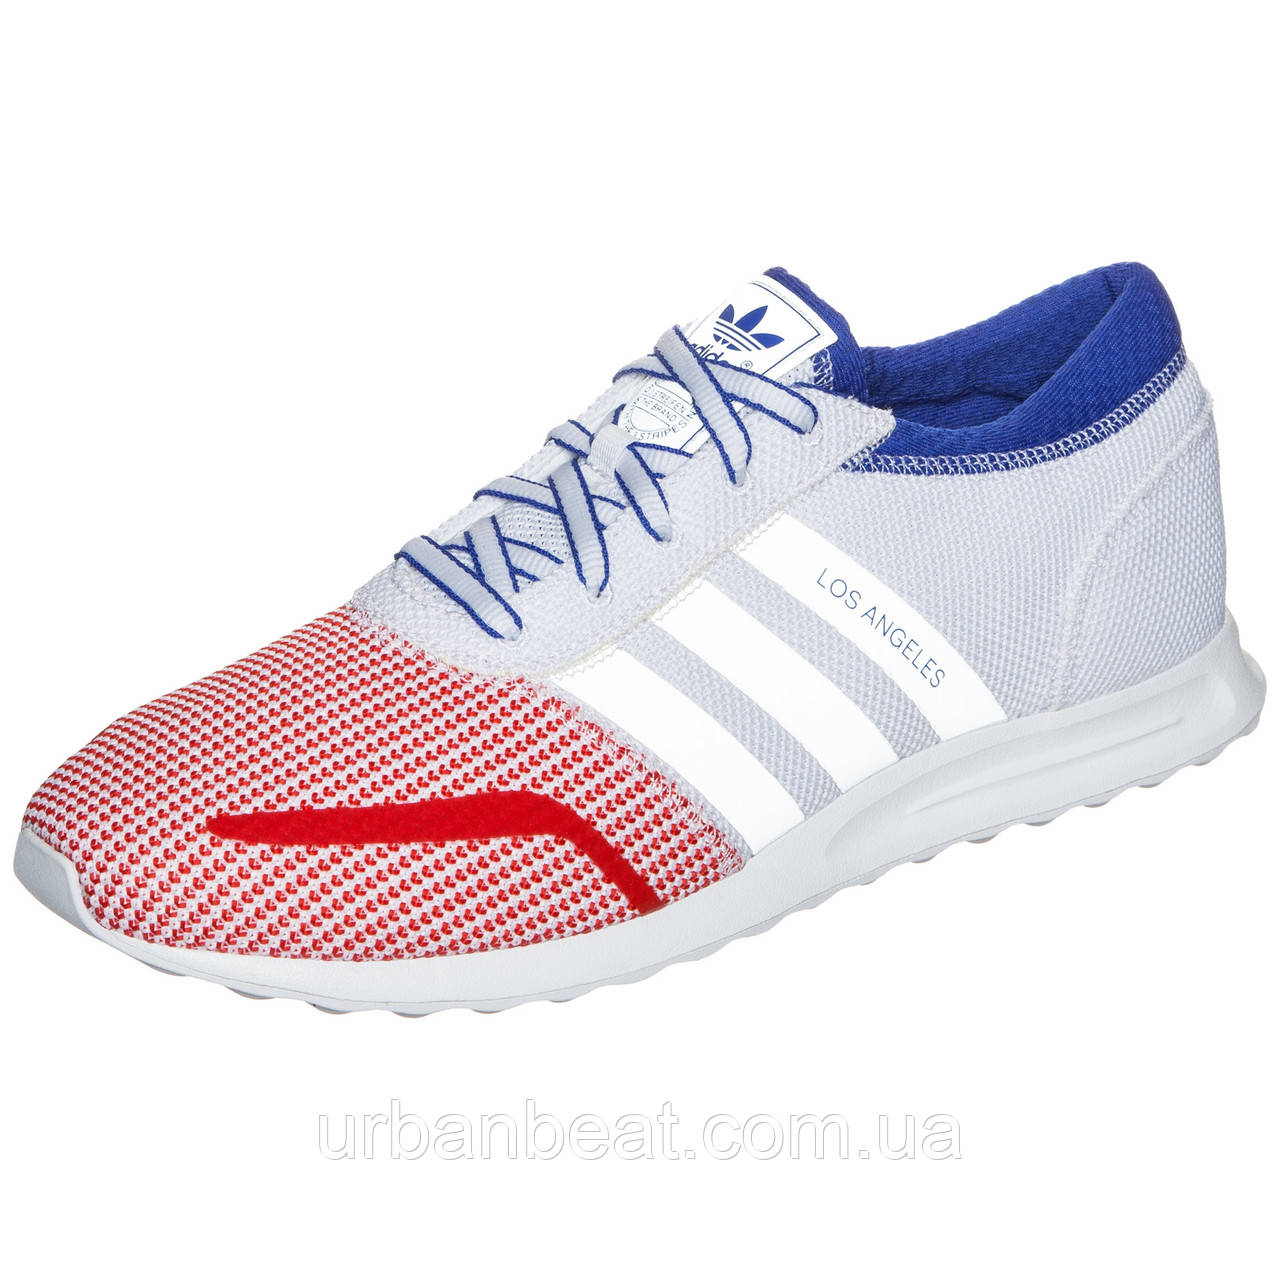 Мужские кроссовки Adidas Originals Los Angeles S79030 Оригинал - Urban Beat  в Харькове 66e35332818